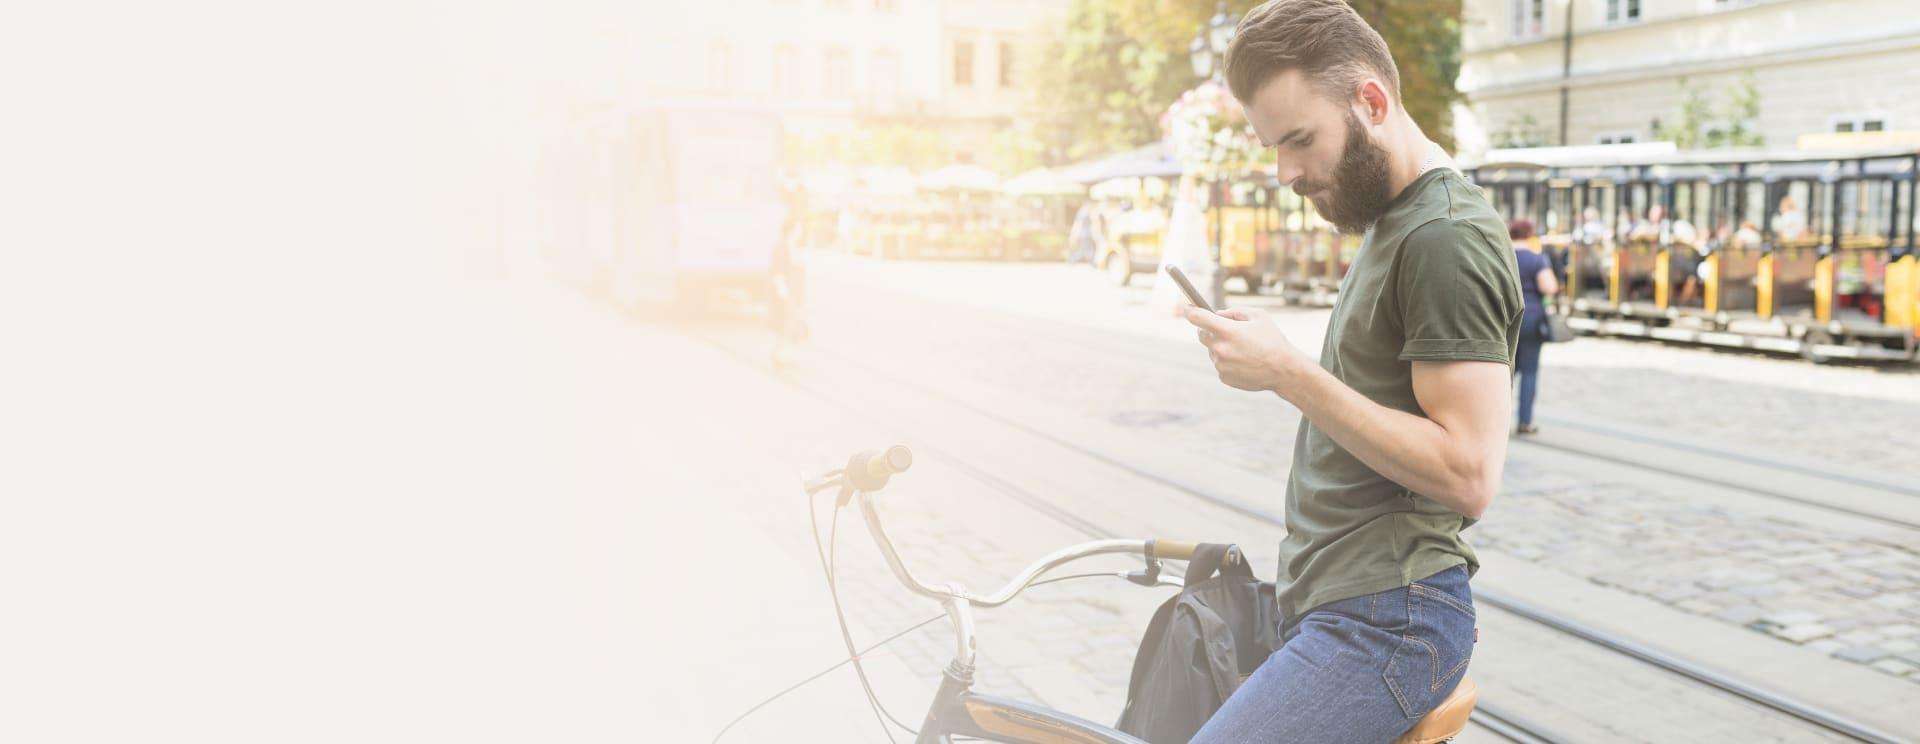 Linkle'i rakendus ühendab ärimehi ja naabruses tegutsevaid spetsialiste